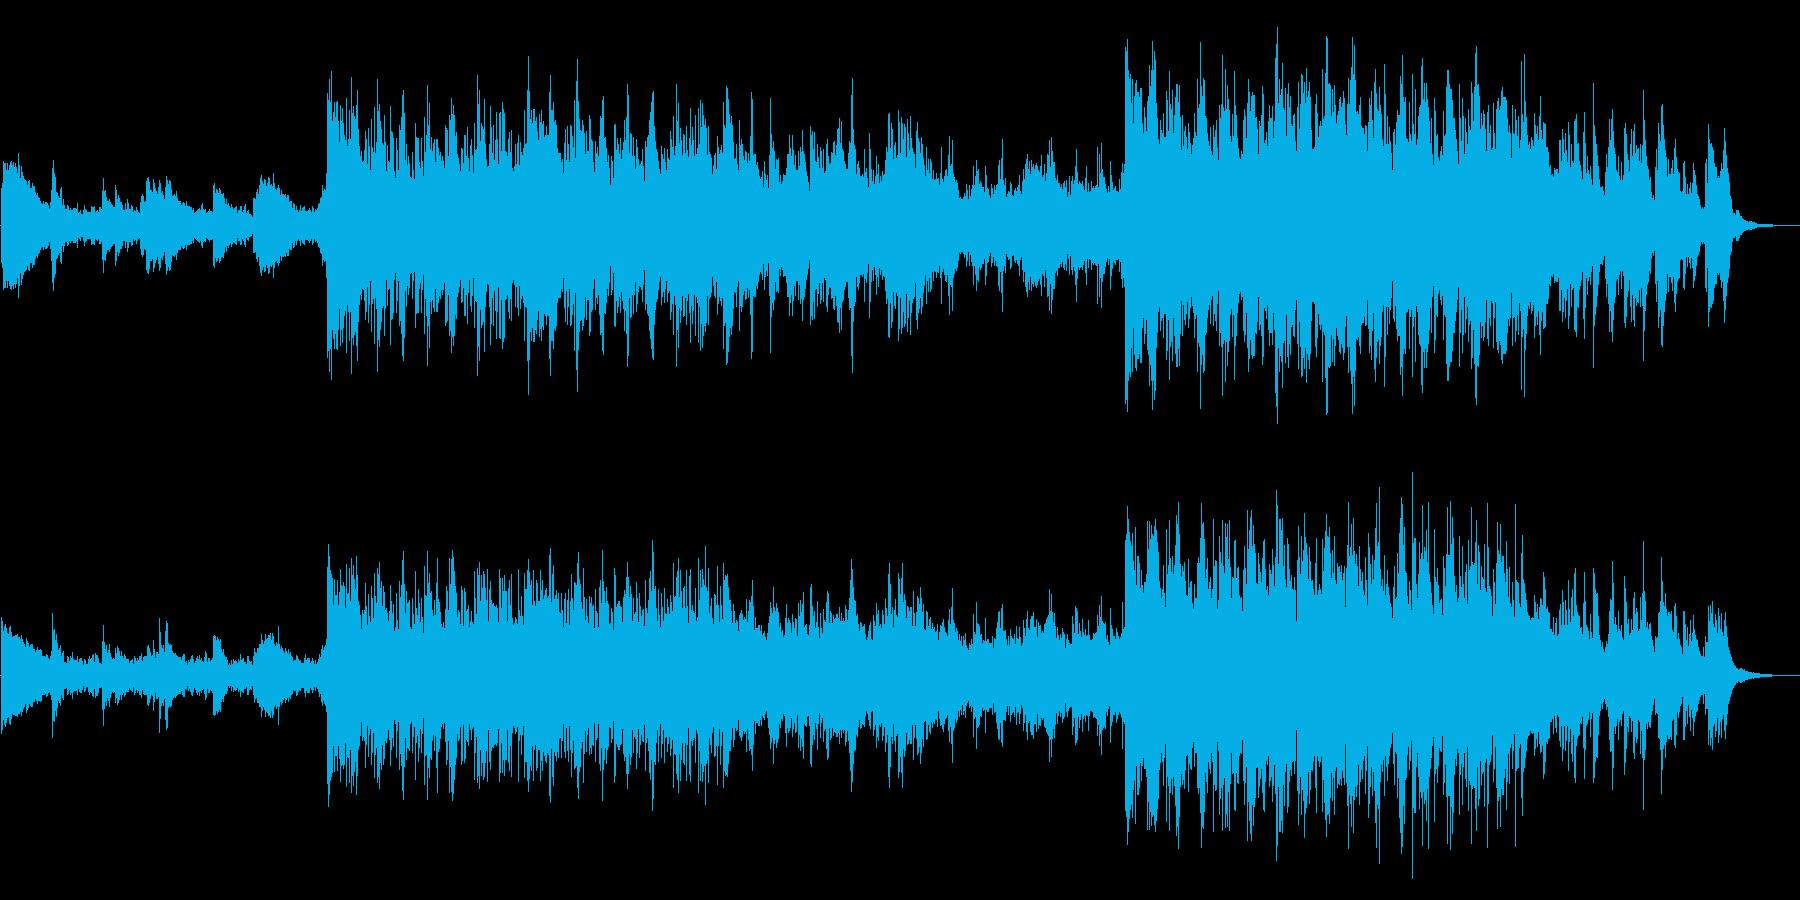 この主にオーケストラトラックは神秘...の再生済みの波形